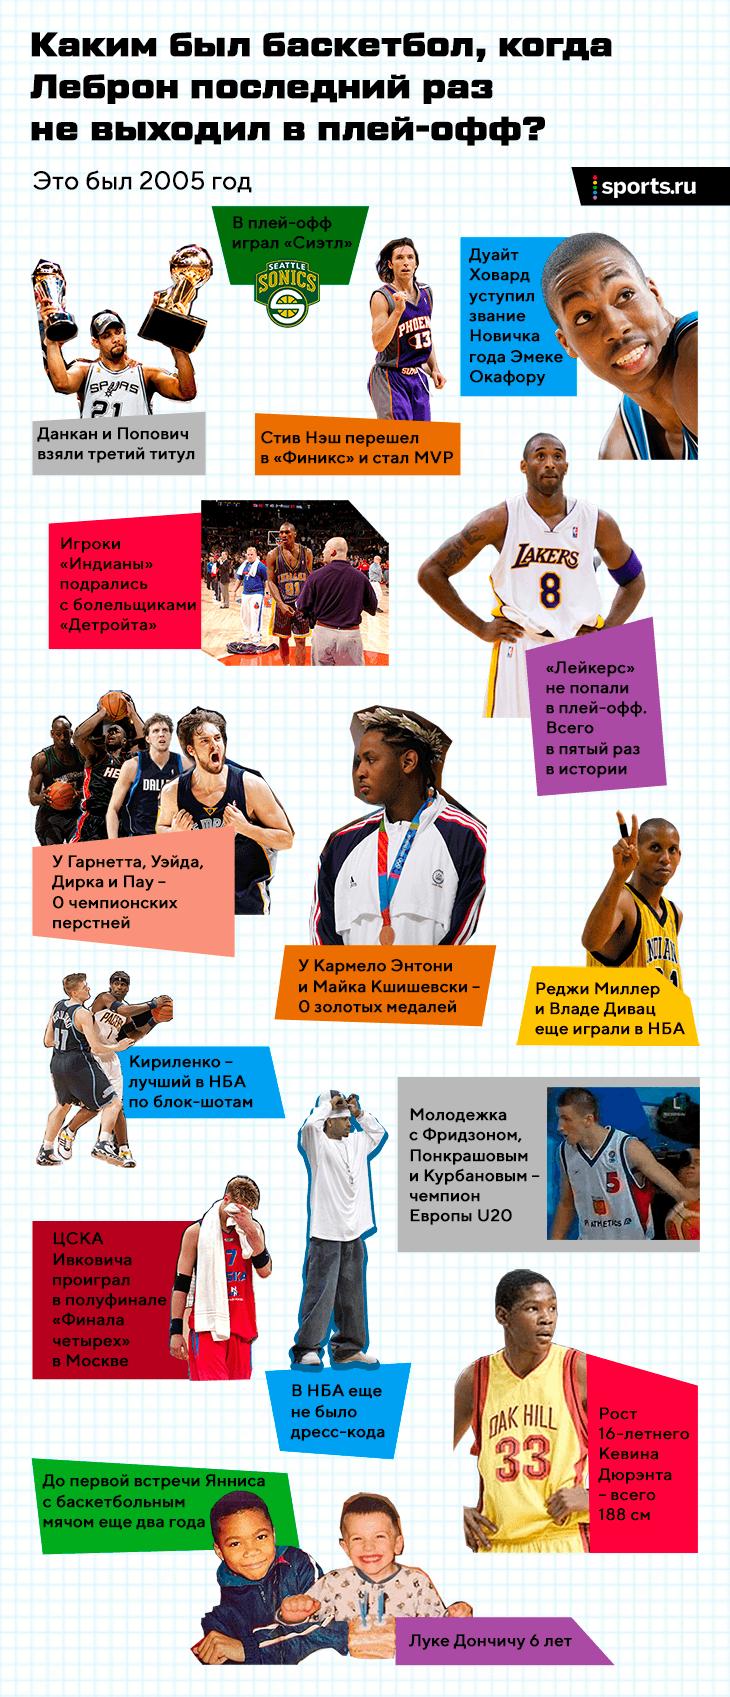 Каким был баскетбол, когда Леброн не выходил в плей-офф